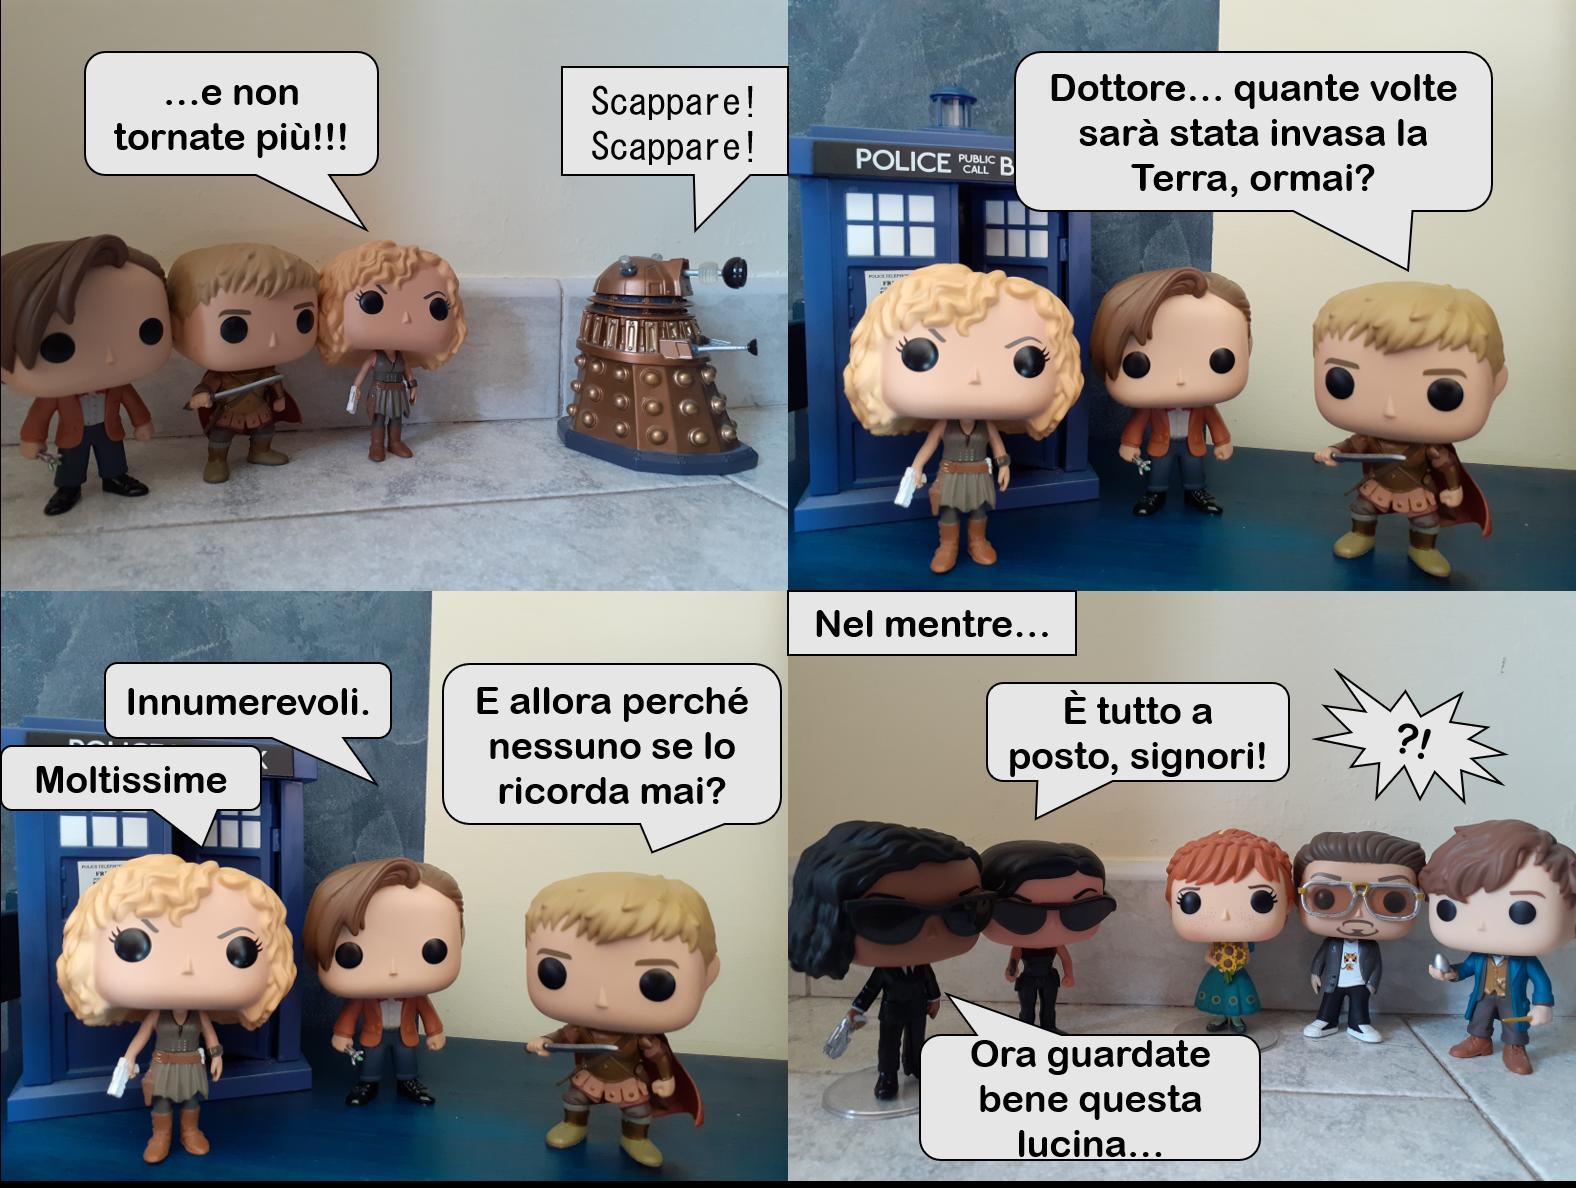 Doctor Vinyl, Vol. 3 EPISODIO II  Come fanno gli umani a scordarsi OGNI VOLTA dei Dalek?